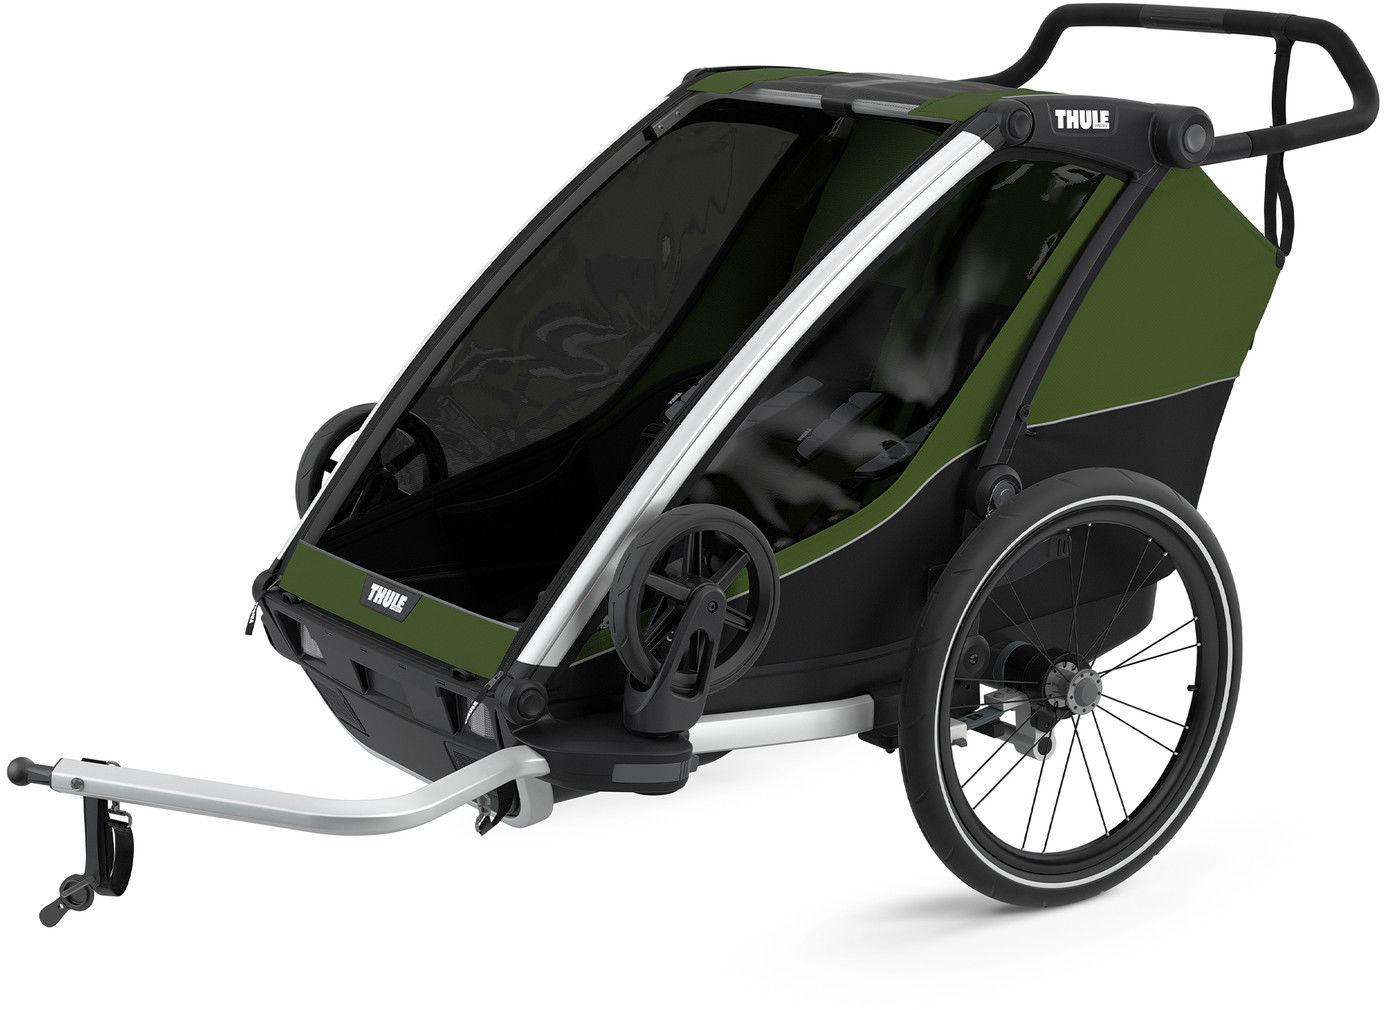 Thule Chariot Cab przyczepka rowerowa CypressGreen - ciemny zielo